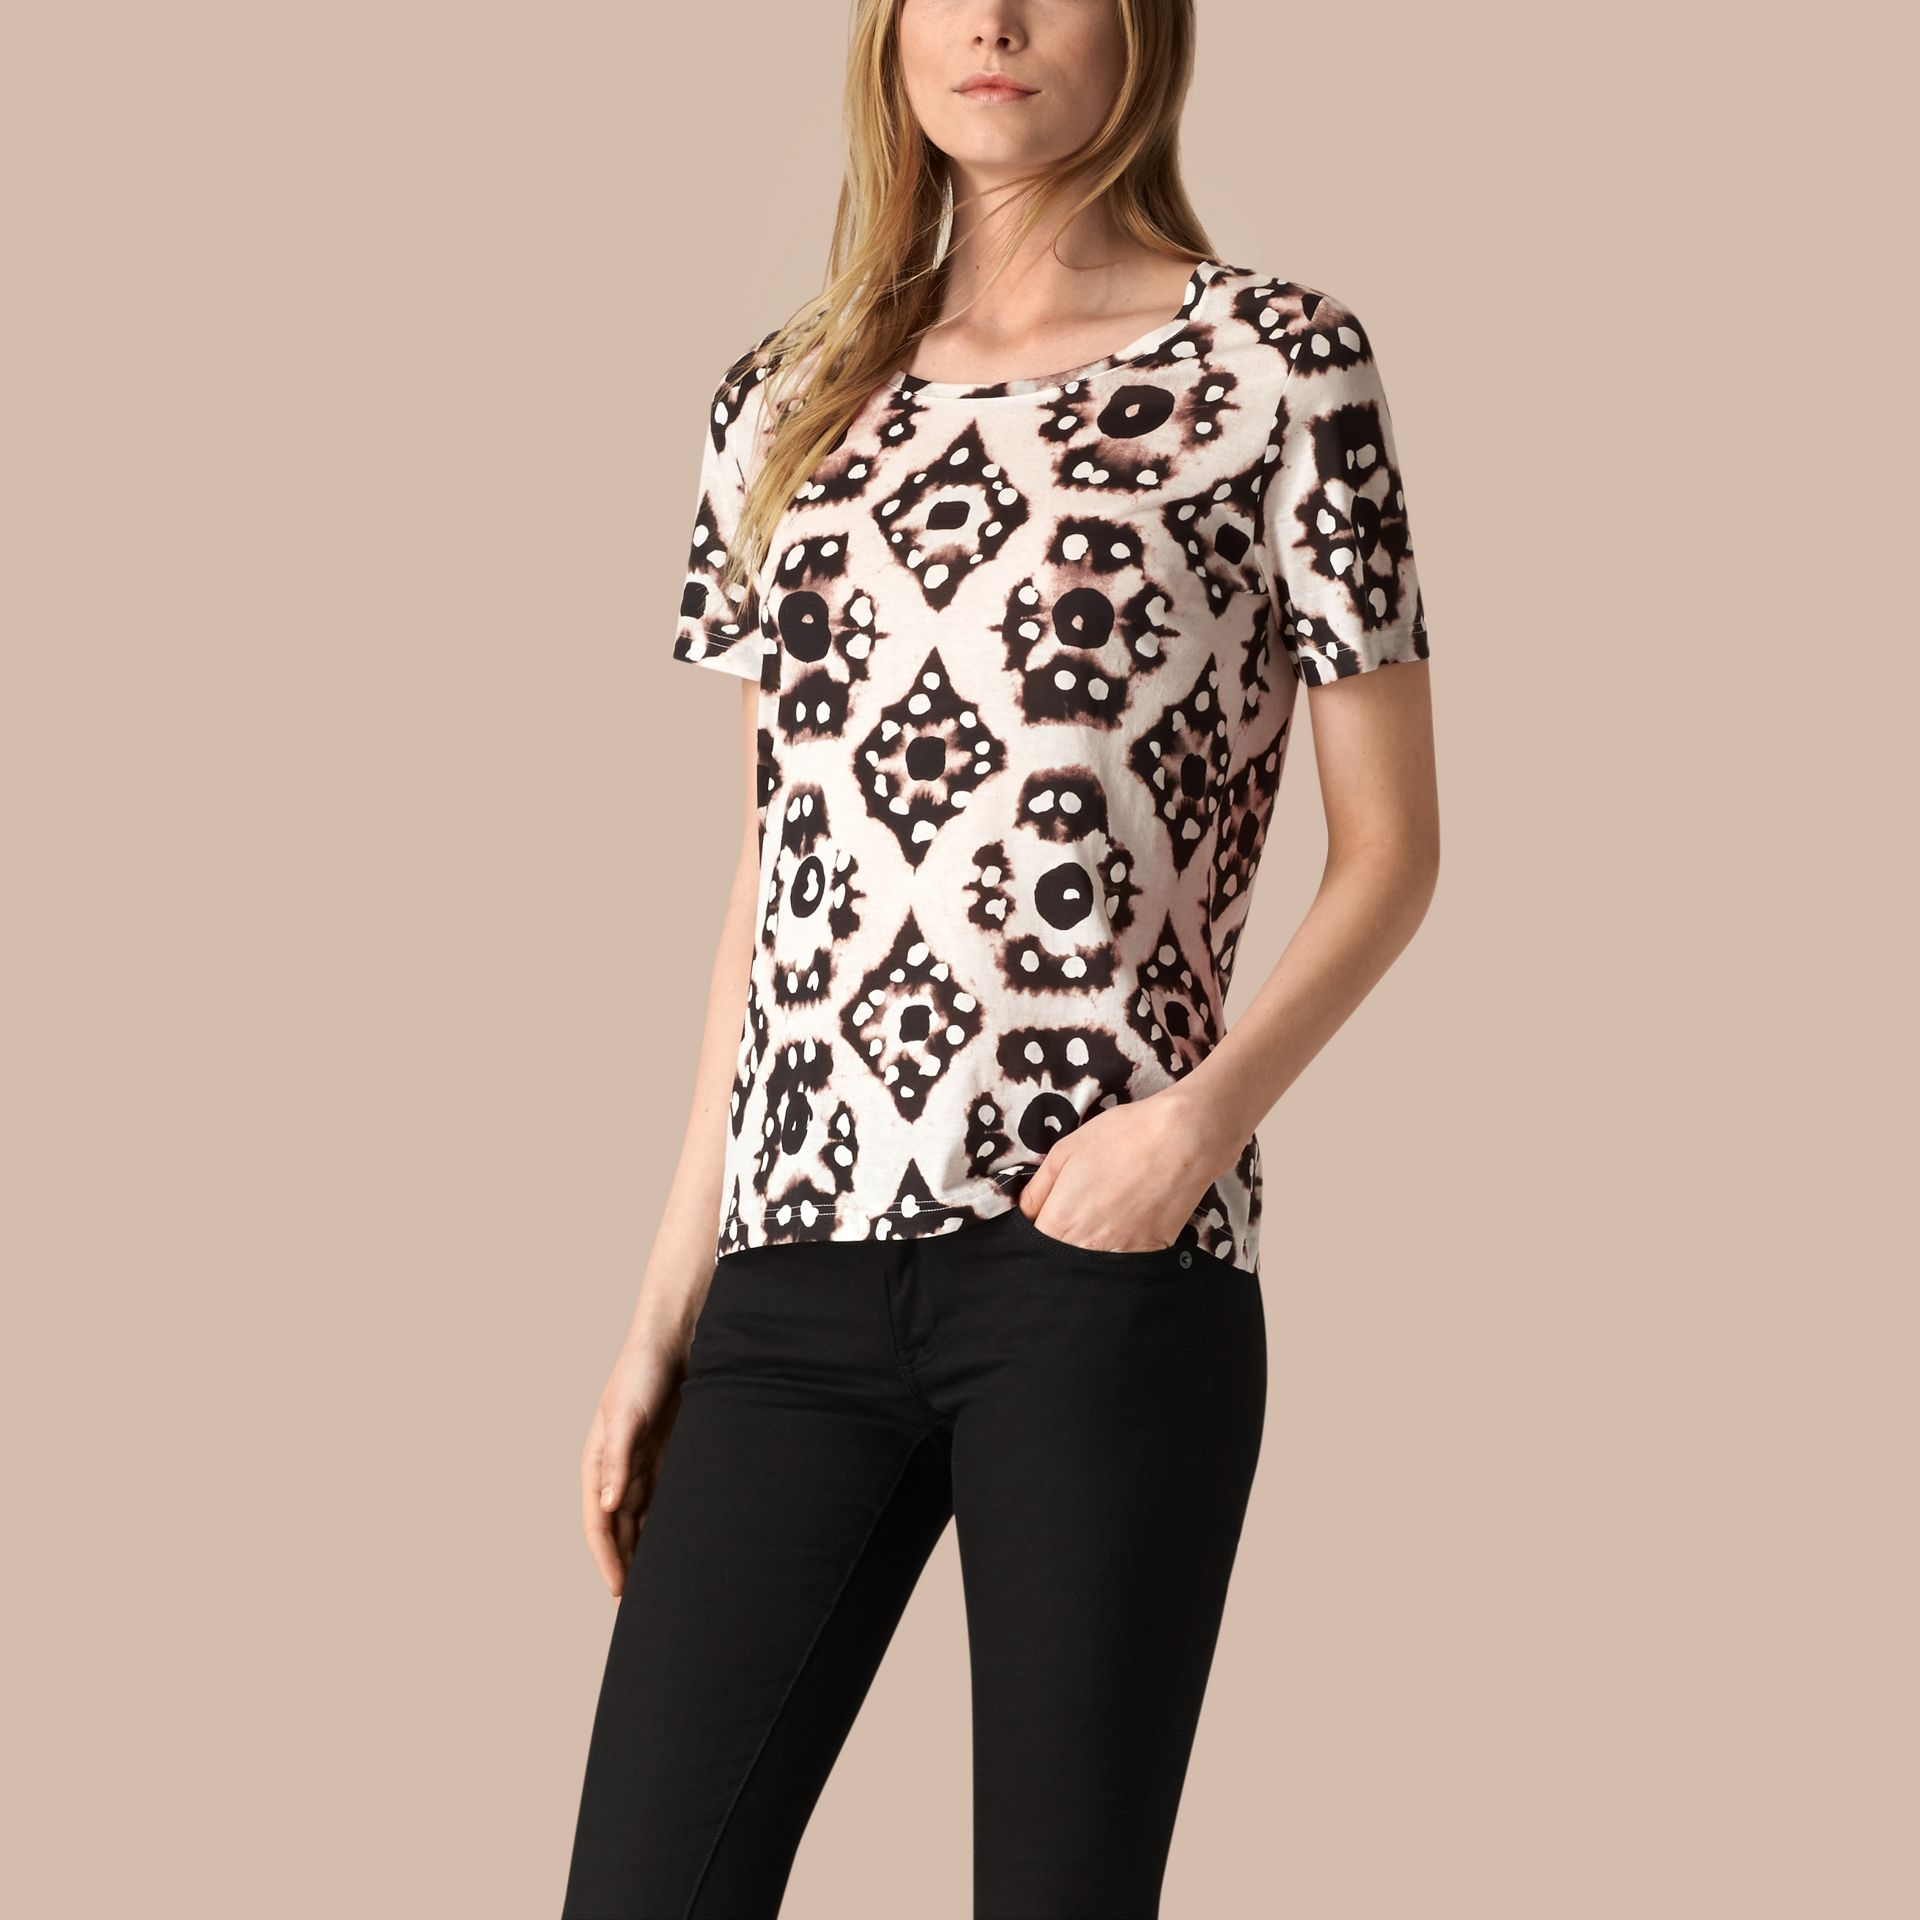 ブラック/ホワイト タイダイプリント・コットンTシャツ ブラック/ホワイト - ギャラリーイメージ 1